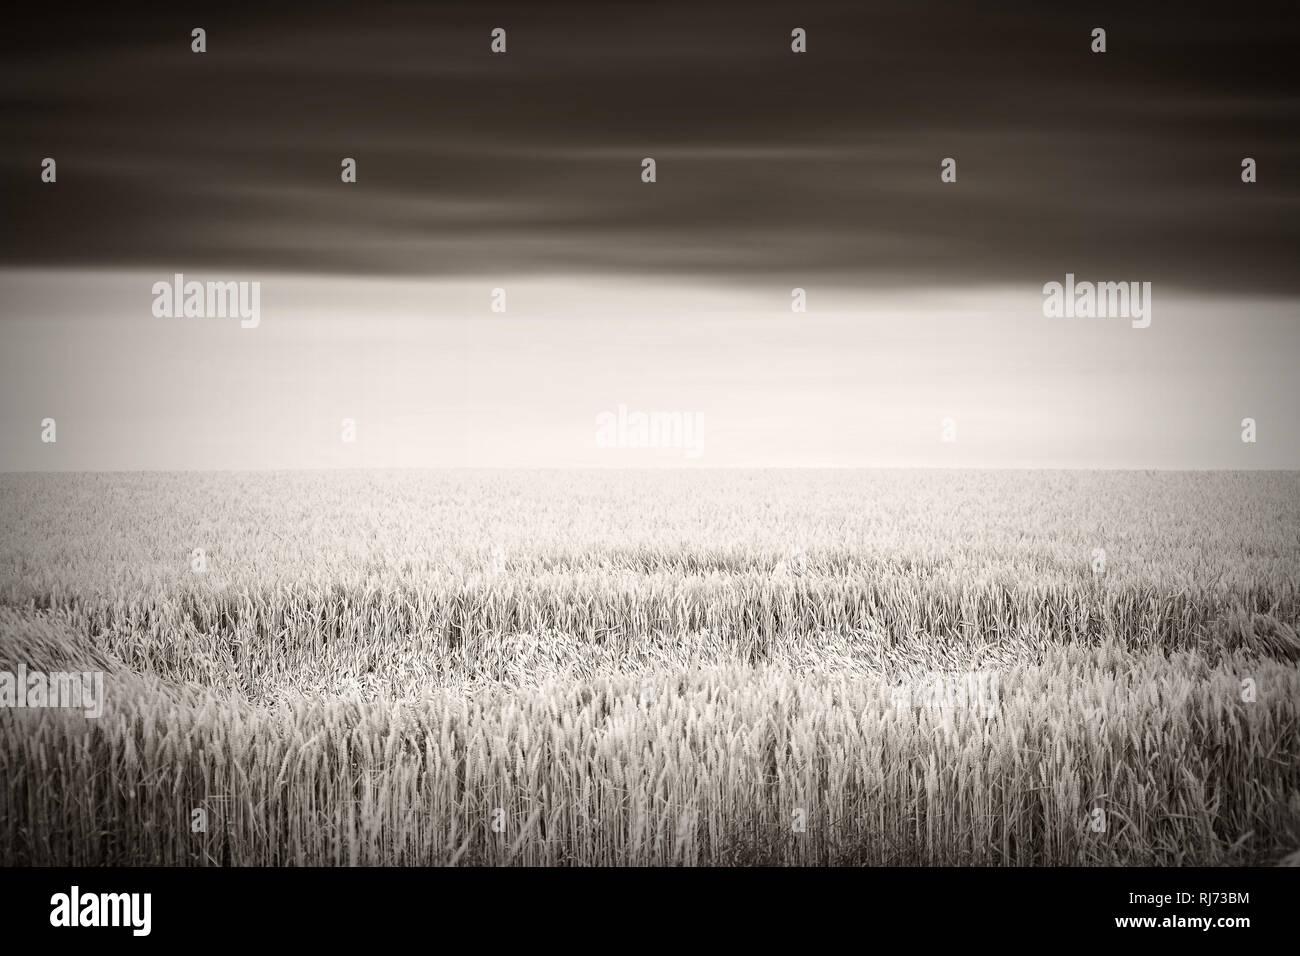 Ein frisches Weizenfeld mit einer Fläche von umgeknickten Halmen, Stock Photo